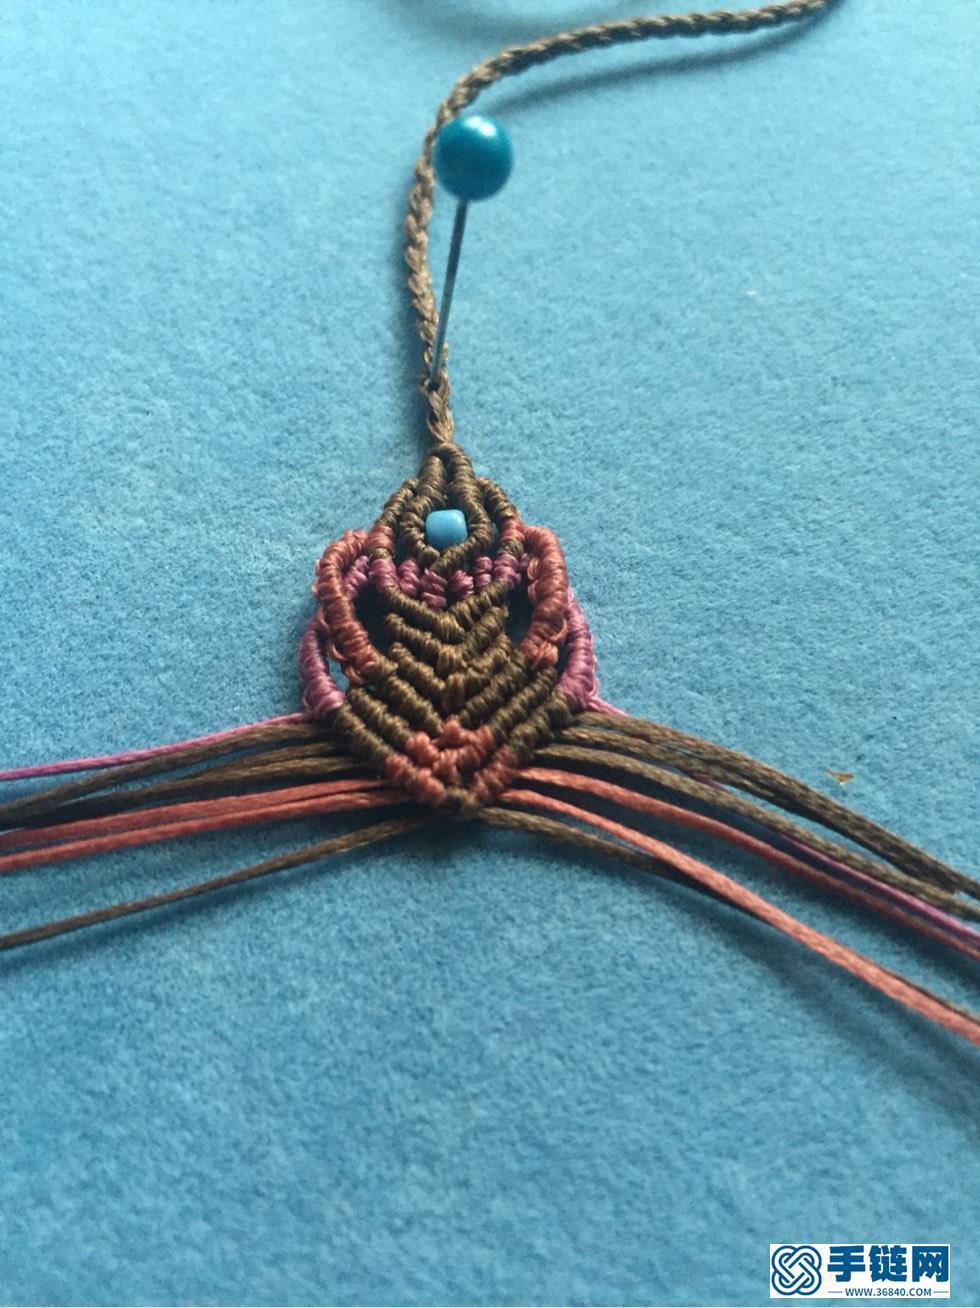 心连心尾扣编绳教程-完整编法步骤